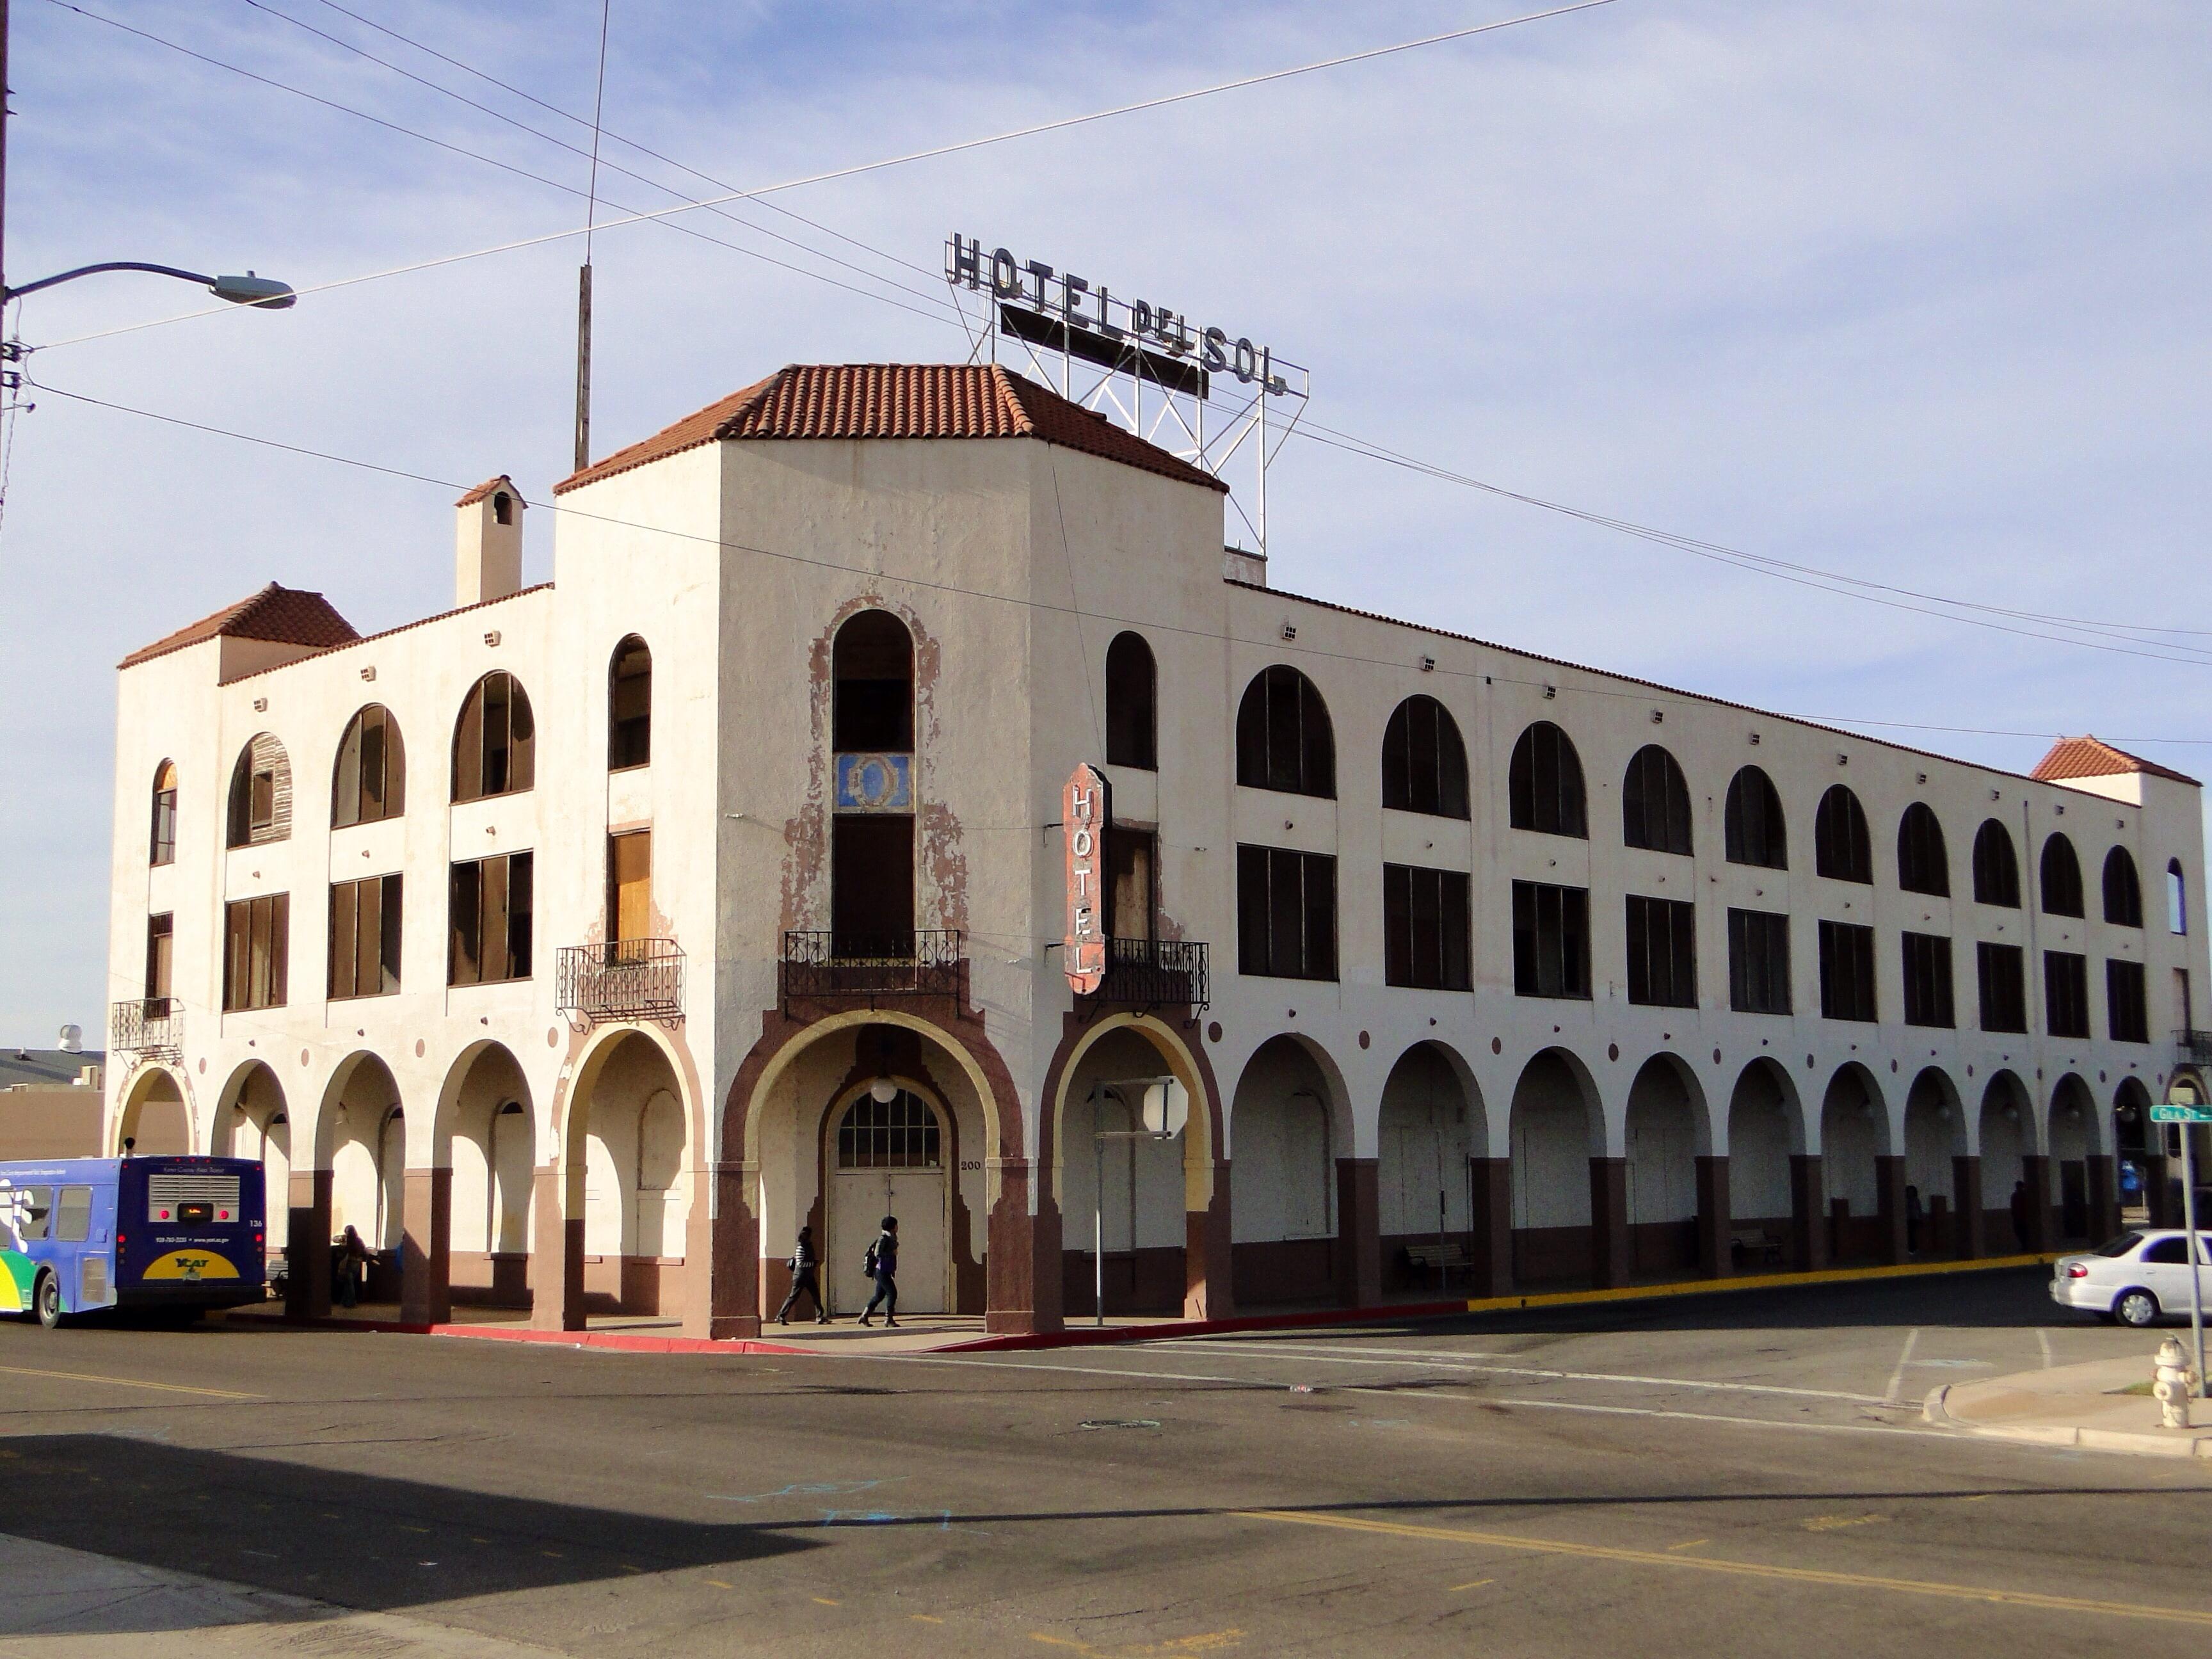 File hotel del ming hotel del sol yuma wikipedia for Hotel del sol